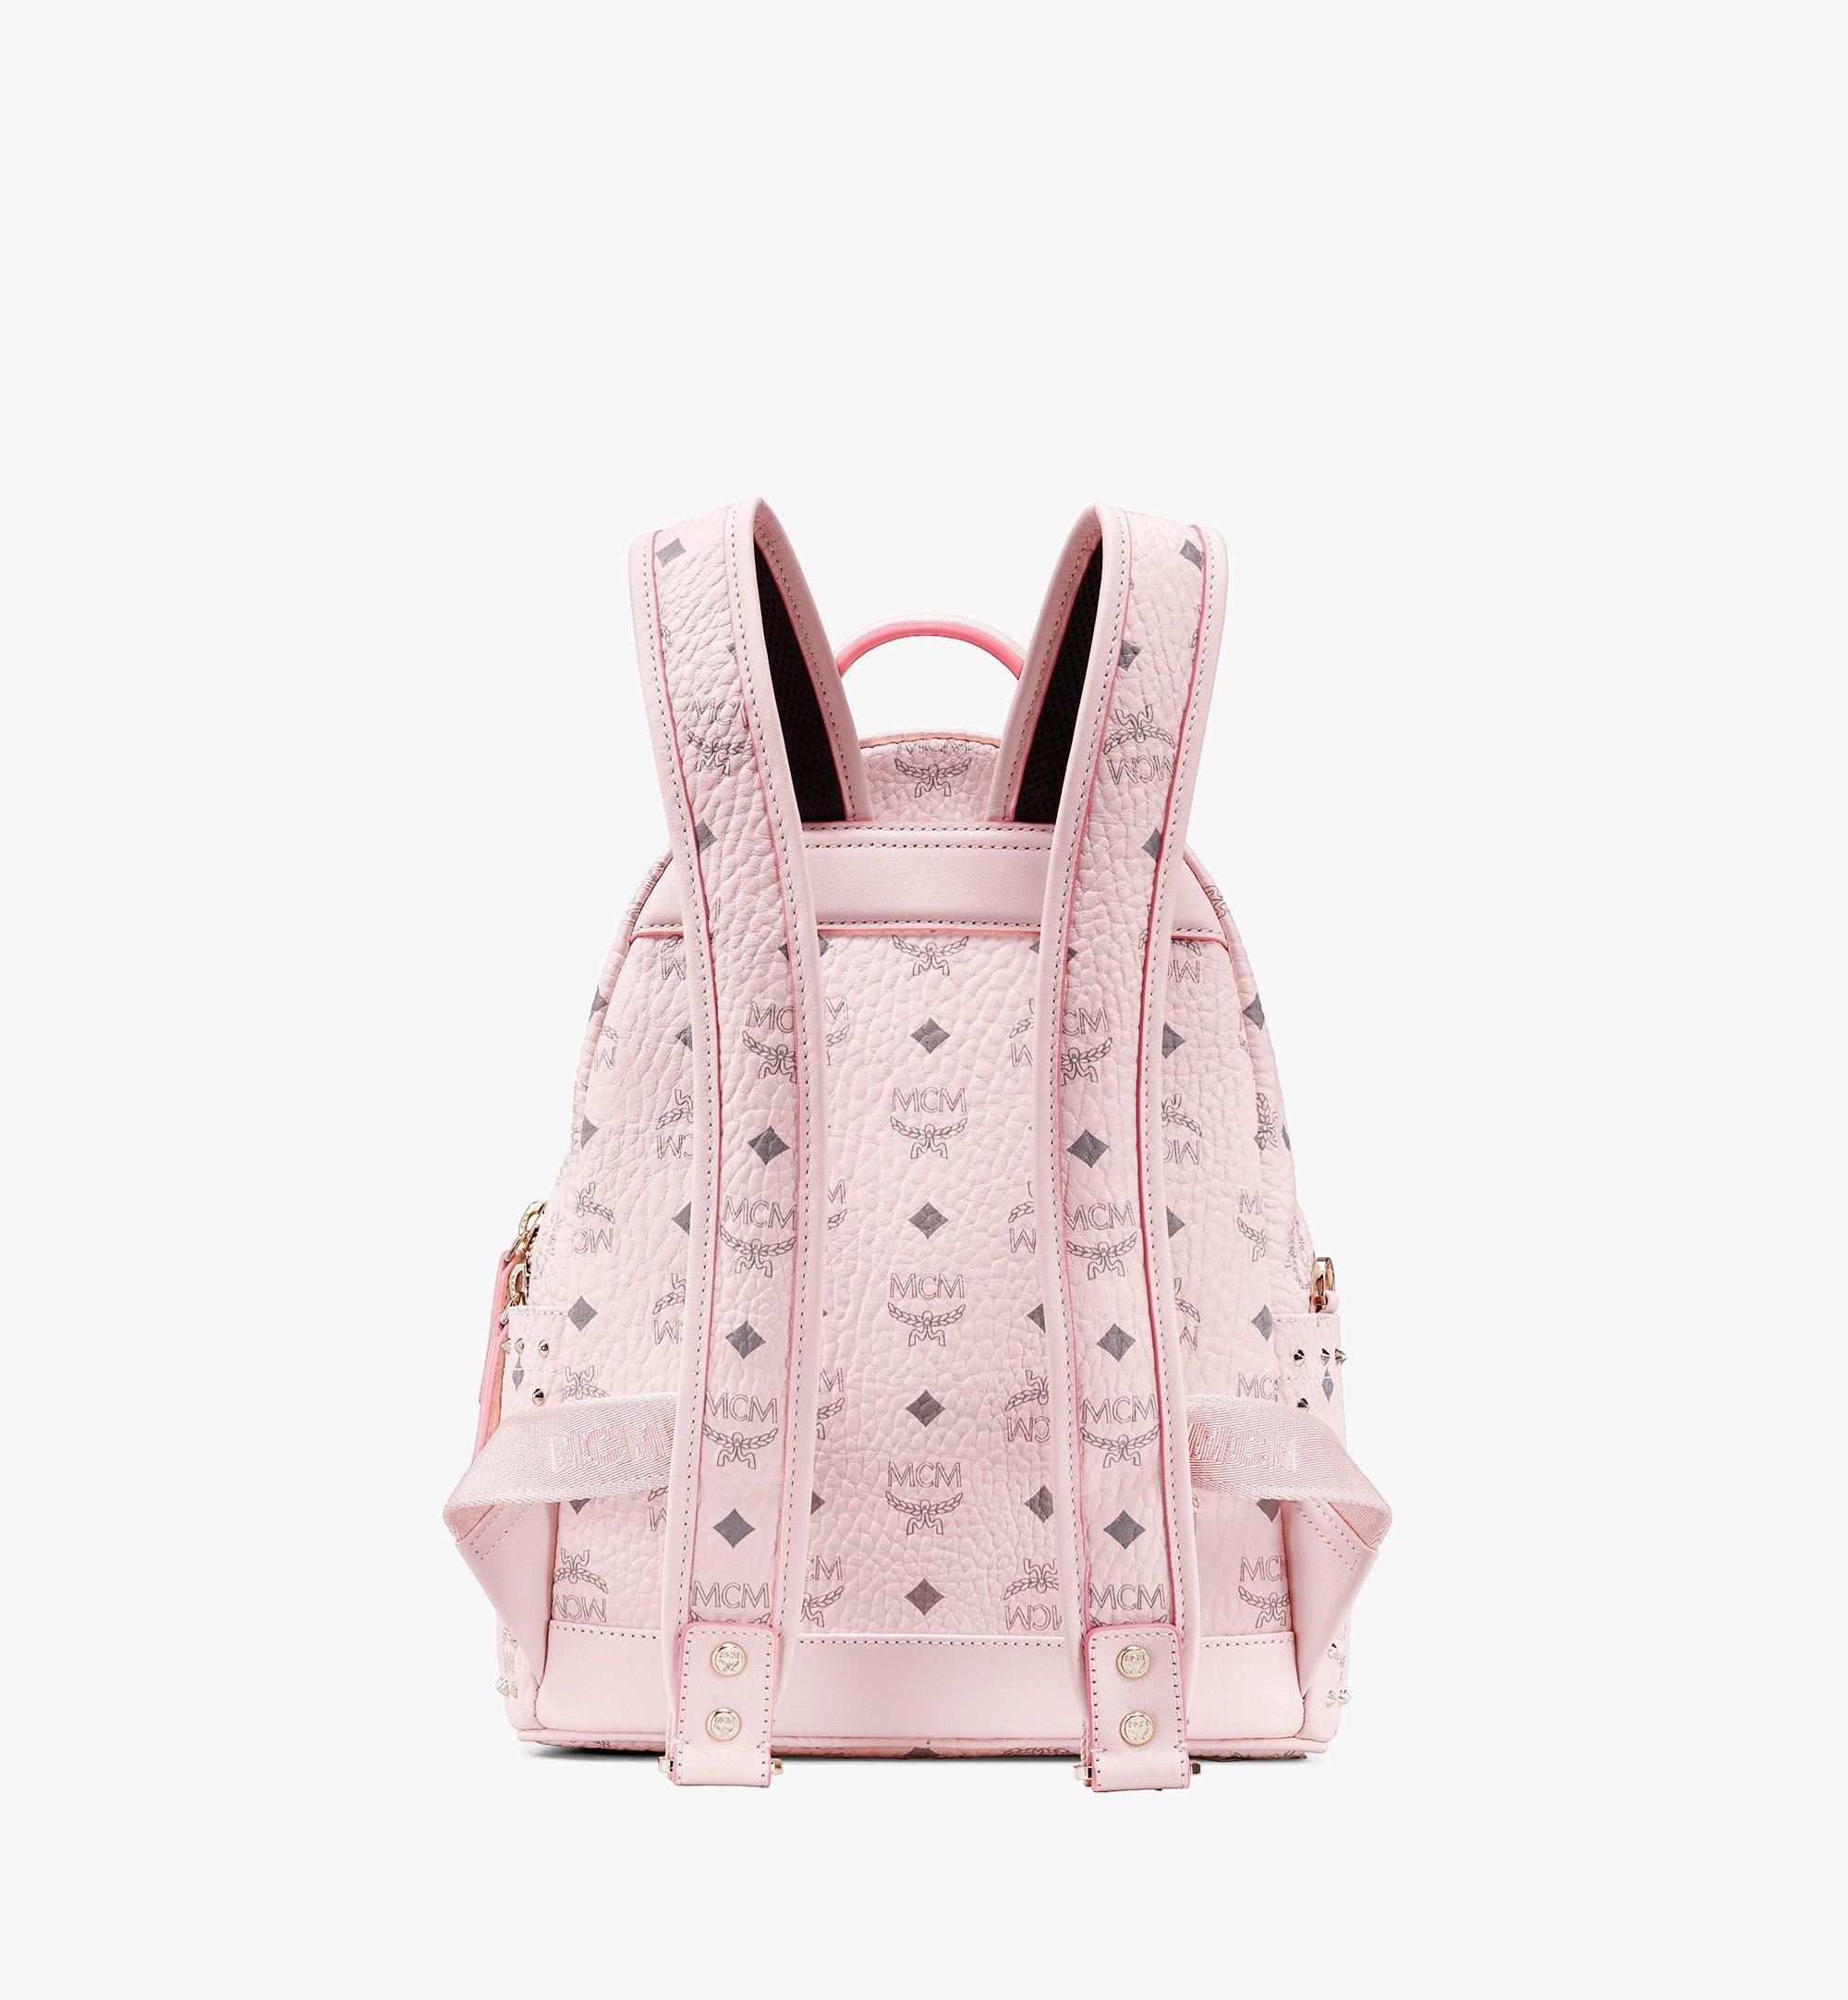 MCM Visetos 皮革的 Stark 鉚釘後背包 Pink MMK8AVE61QH001 更多視圖 2